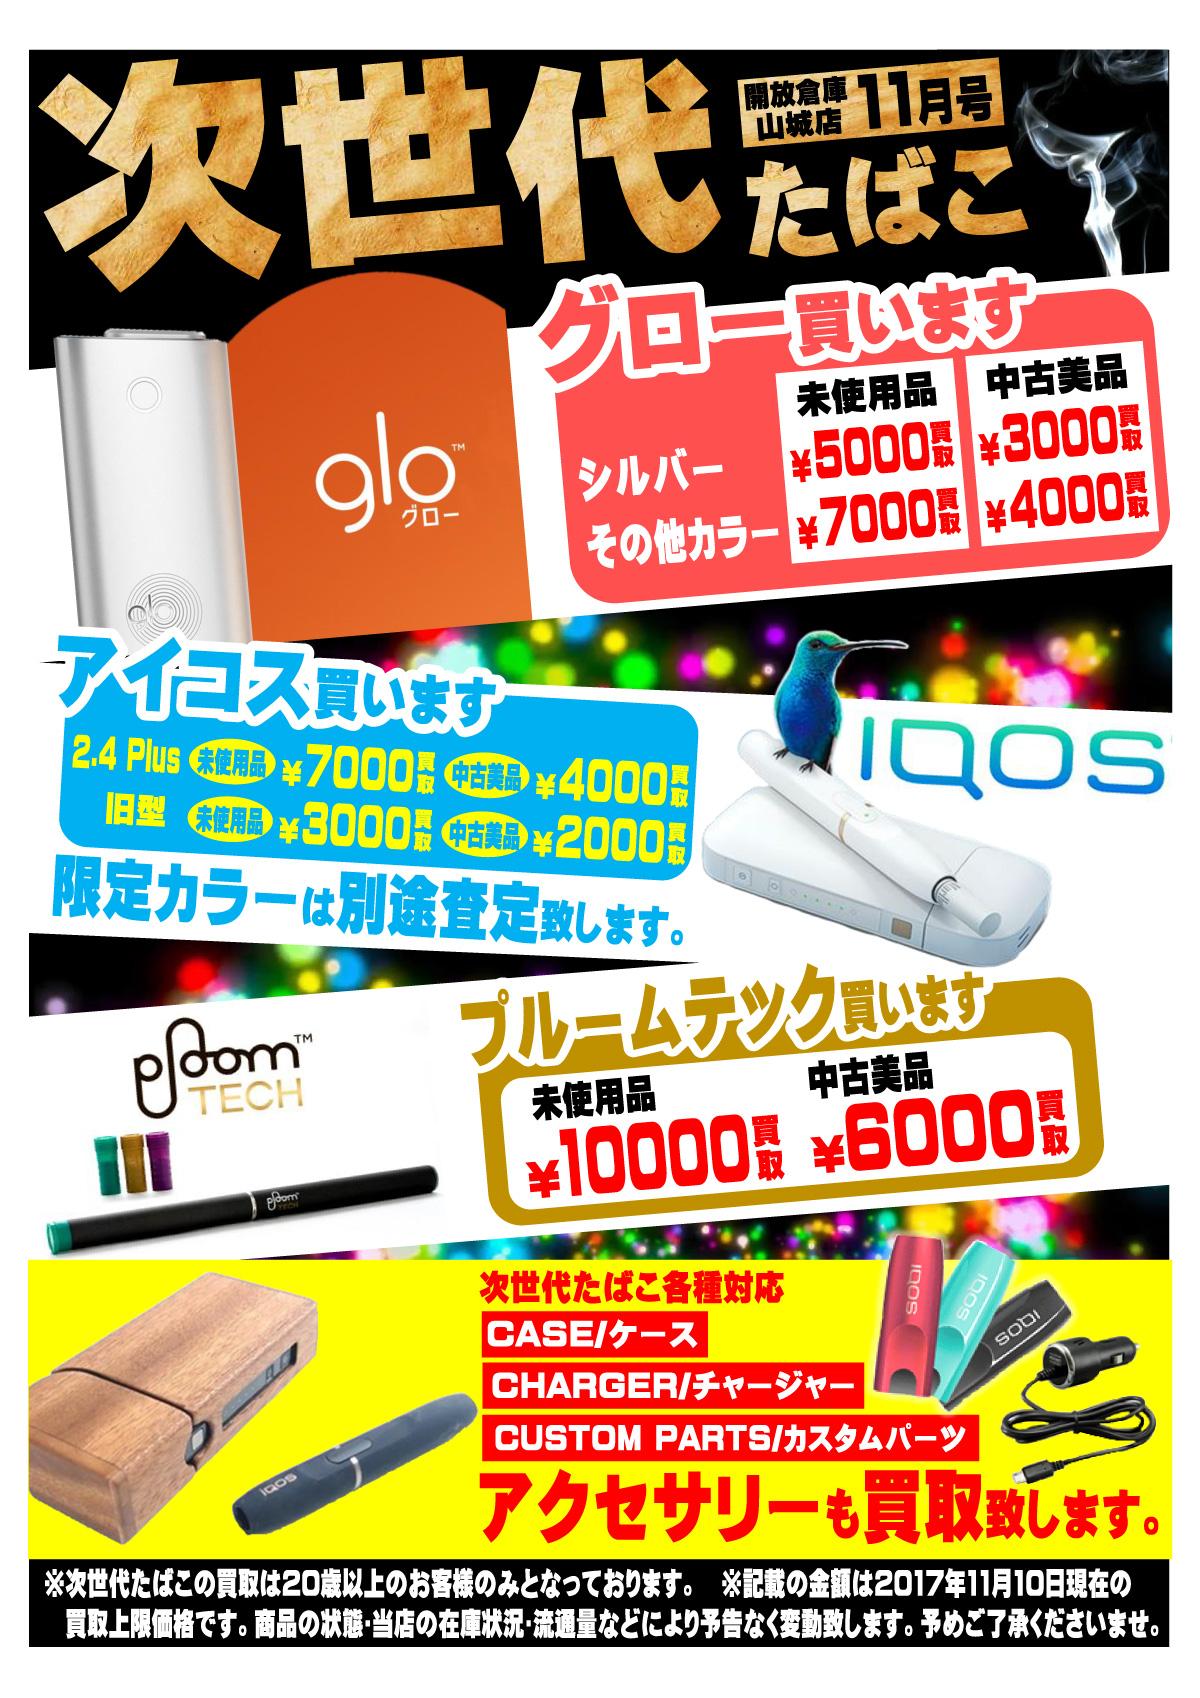 「開放倉庫山城店」家電コーナー<次世代たばこ・glo/グロー買います! IQOS/アイコス買います! Ploom TECH/ブルームテック買います>11月号を更新しました!